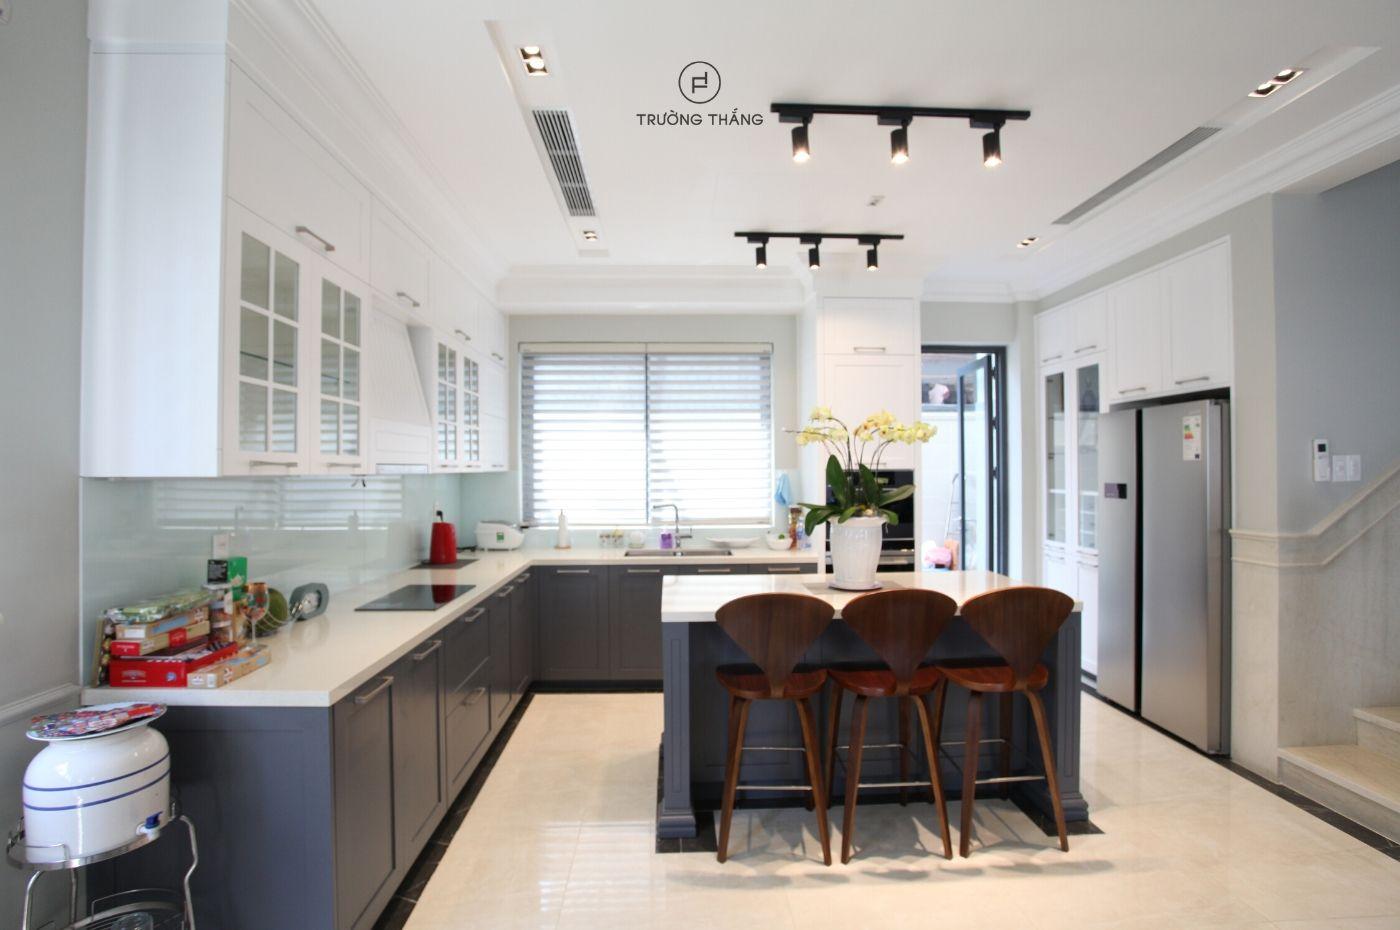 5 kiểu nội thất phòng ăn đẹp độc đáo được chuyên gia đánh giá cao   TRƯỜNG  THẮNG